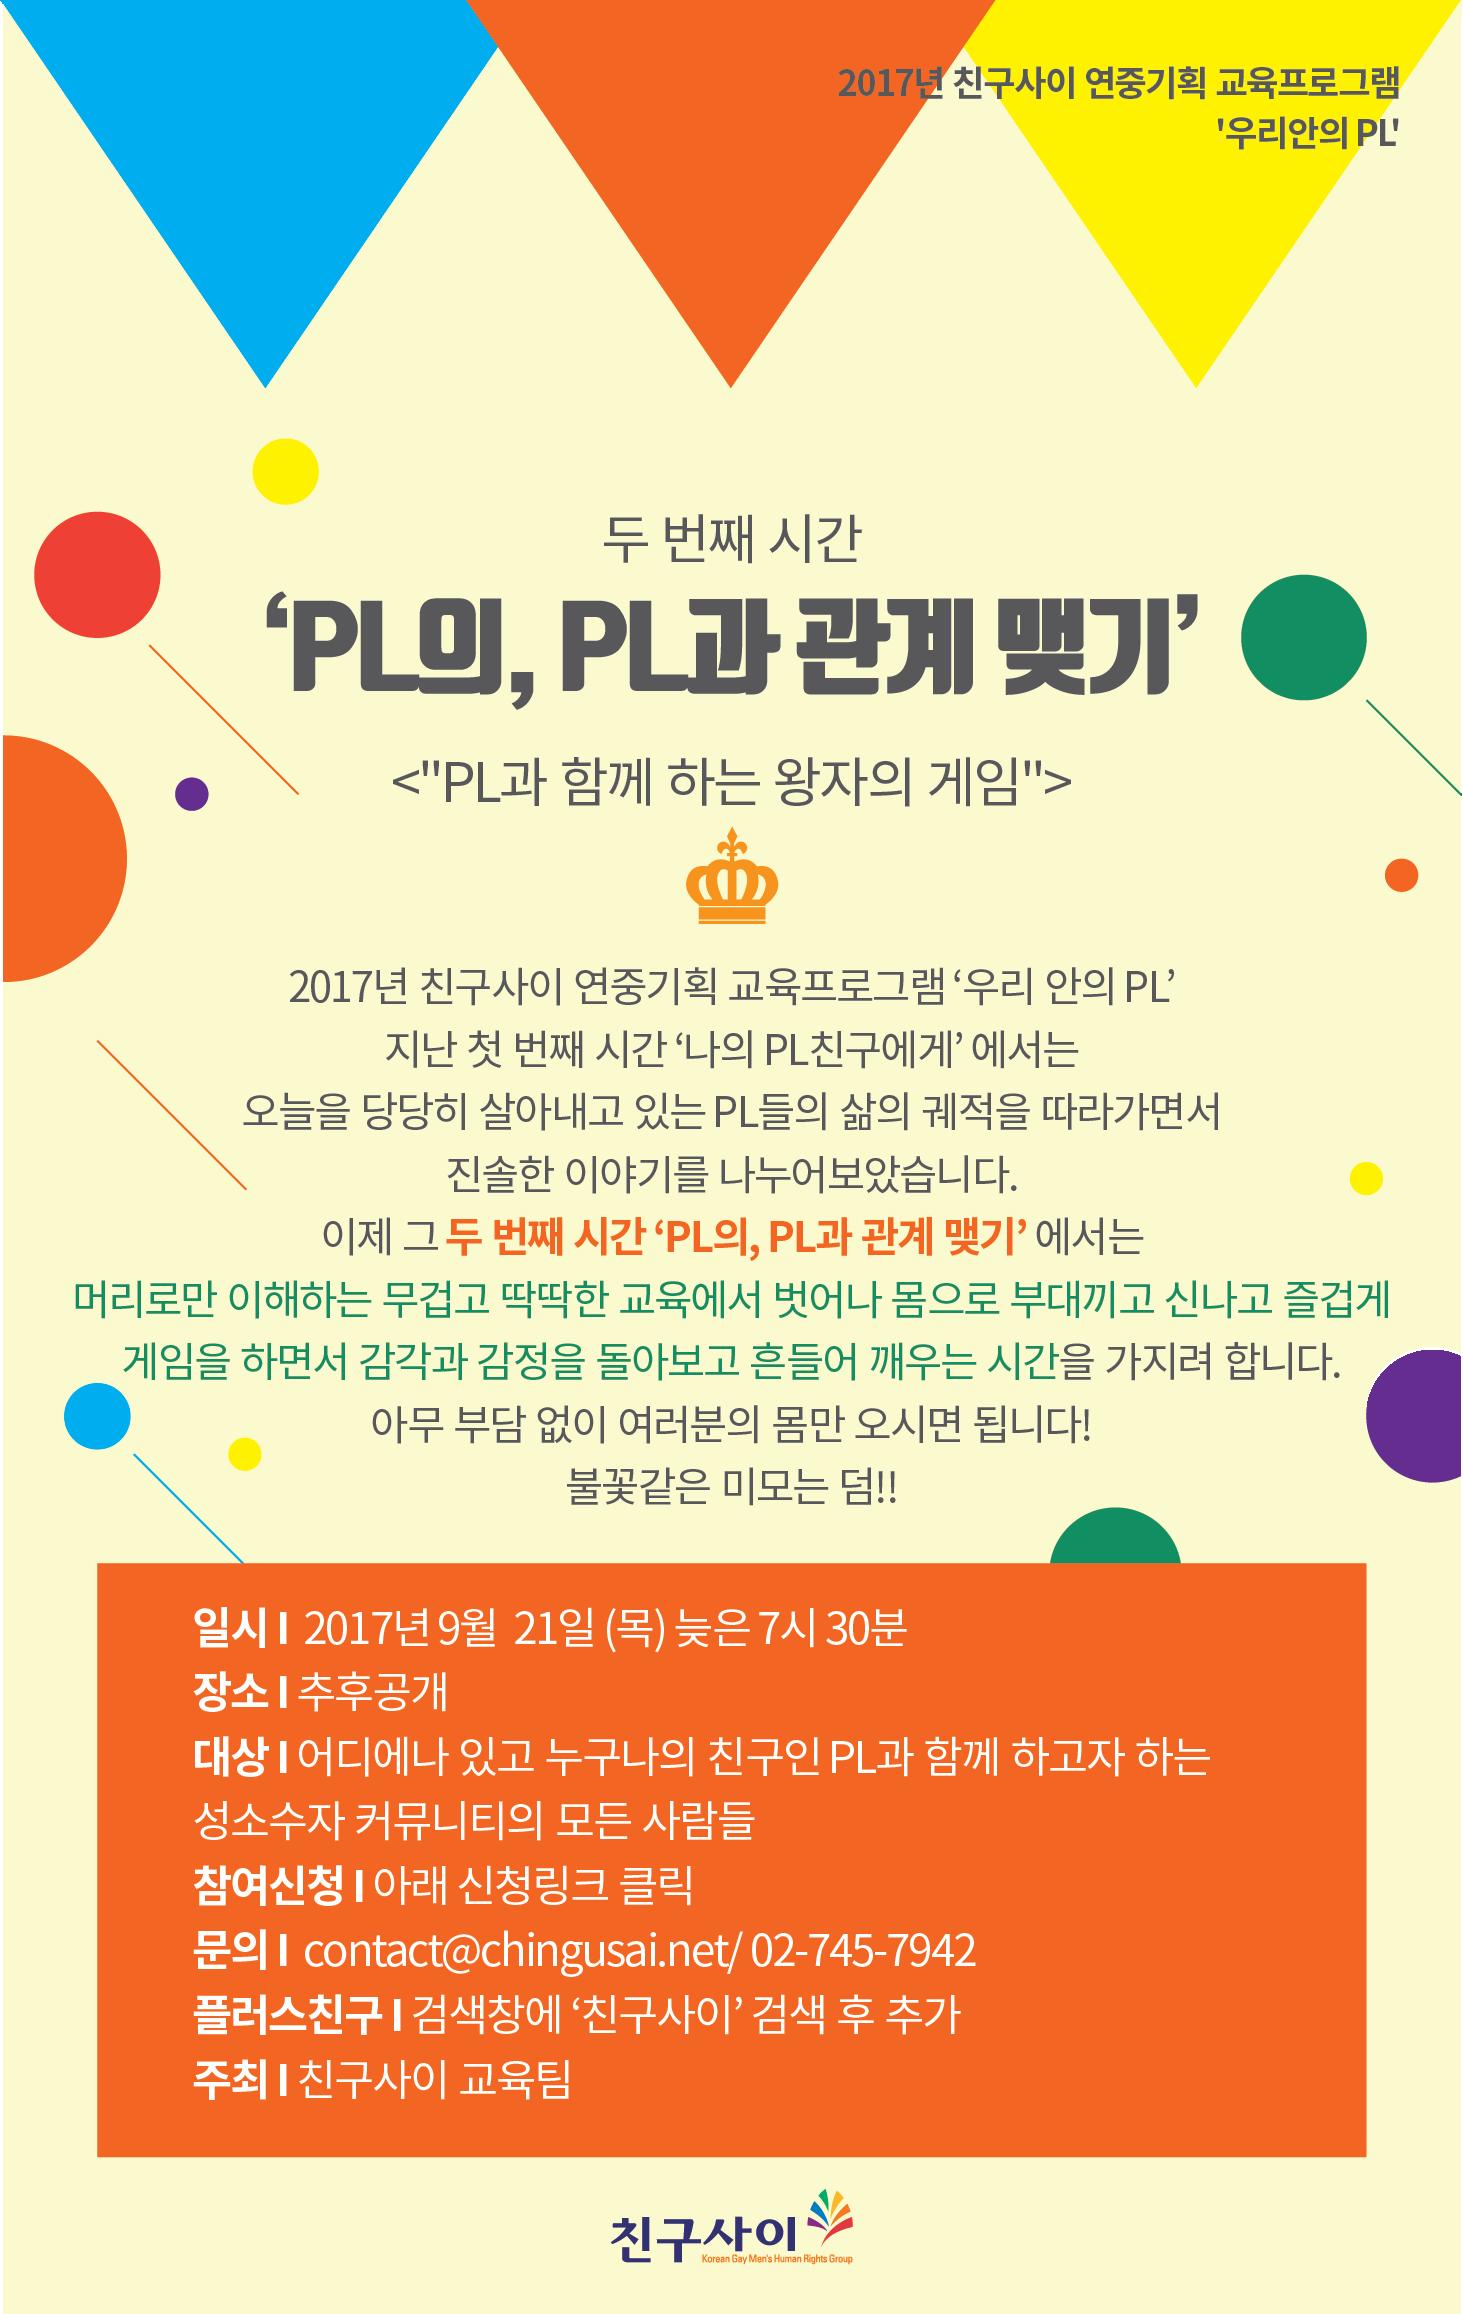 교육팀 2차 정기교육 웹자보.png